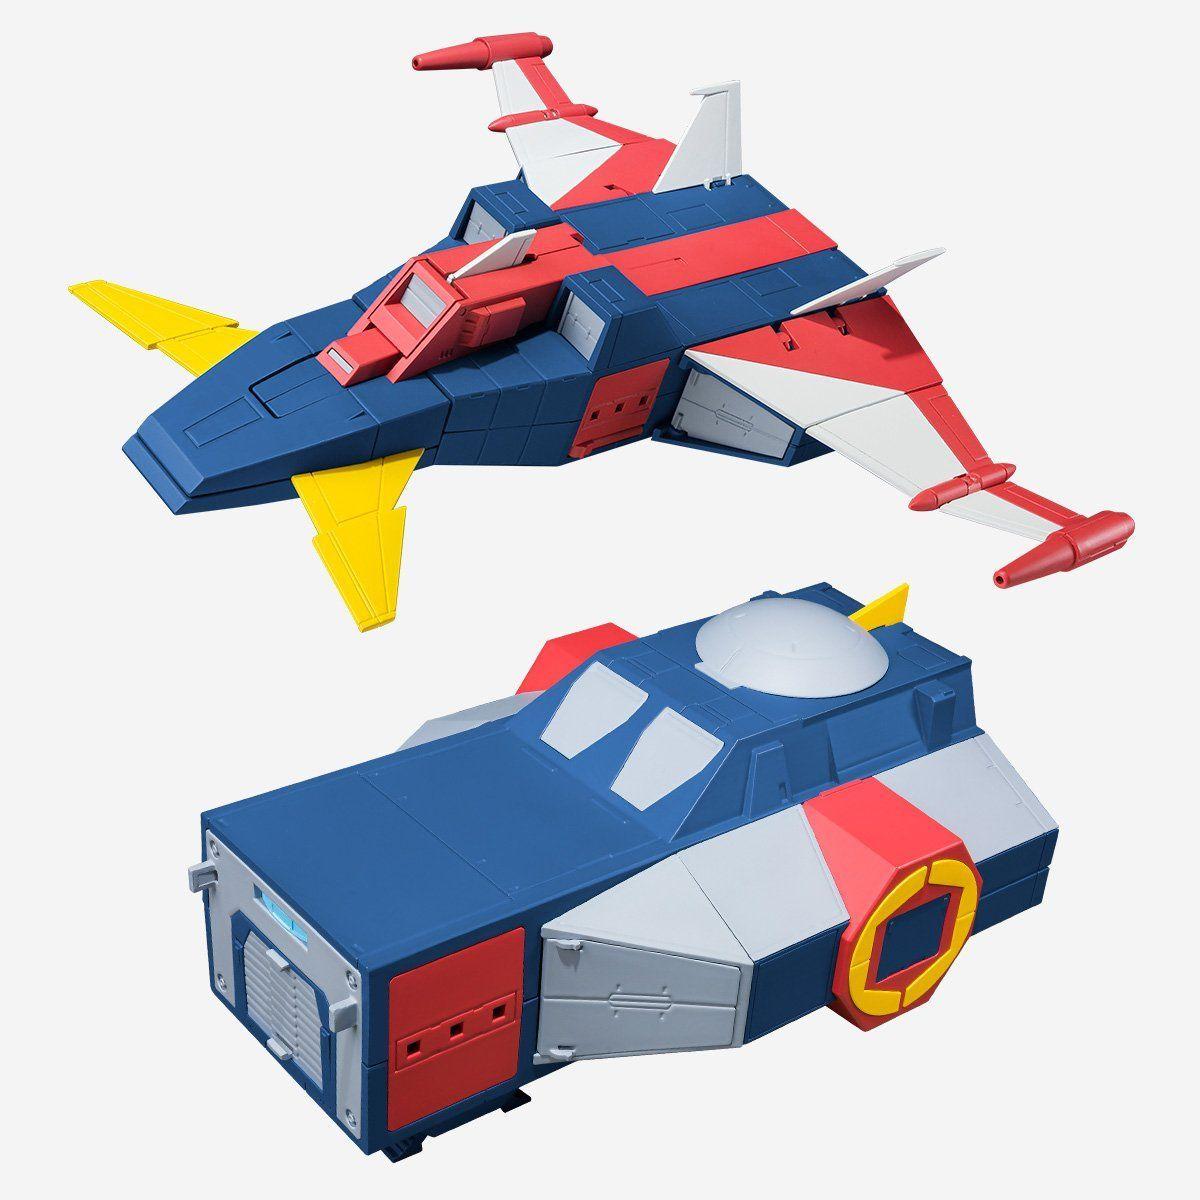 スーパーミニプラ 無敵ロボ トライダーG7 トライダー・シャトル&トライダー・ニューシャトルセット【PB限定】_0